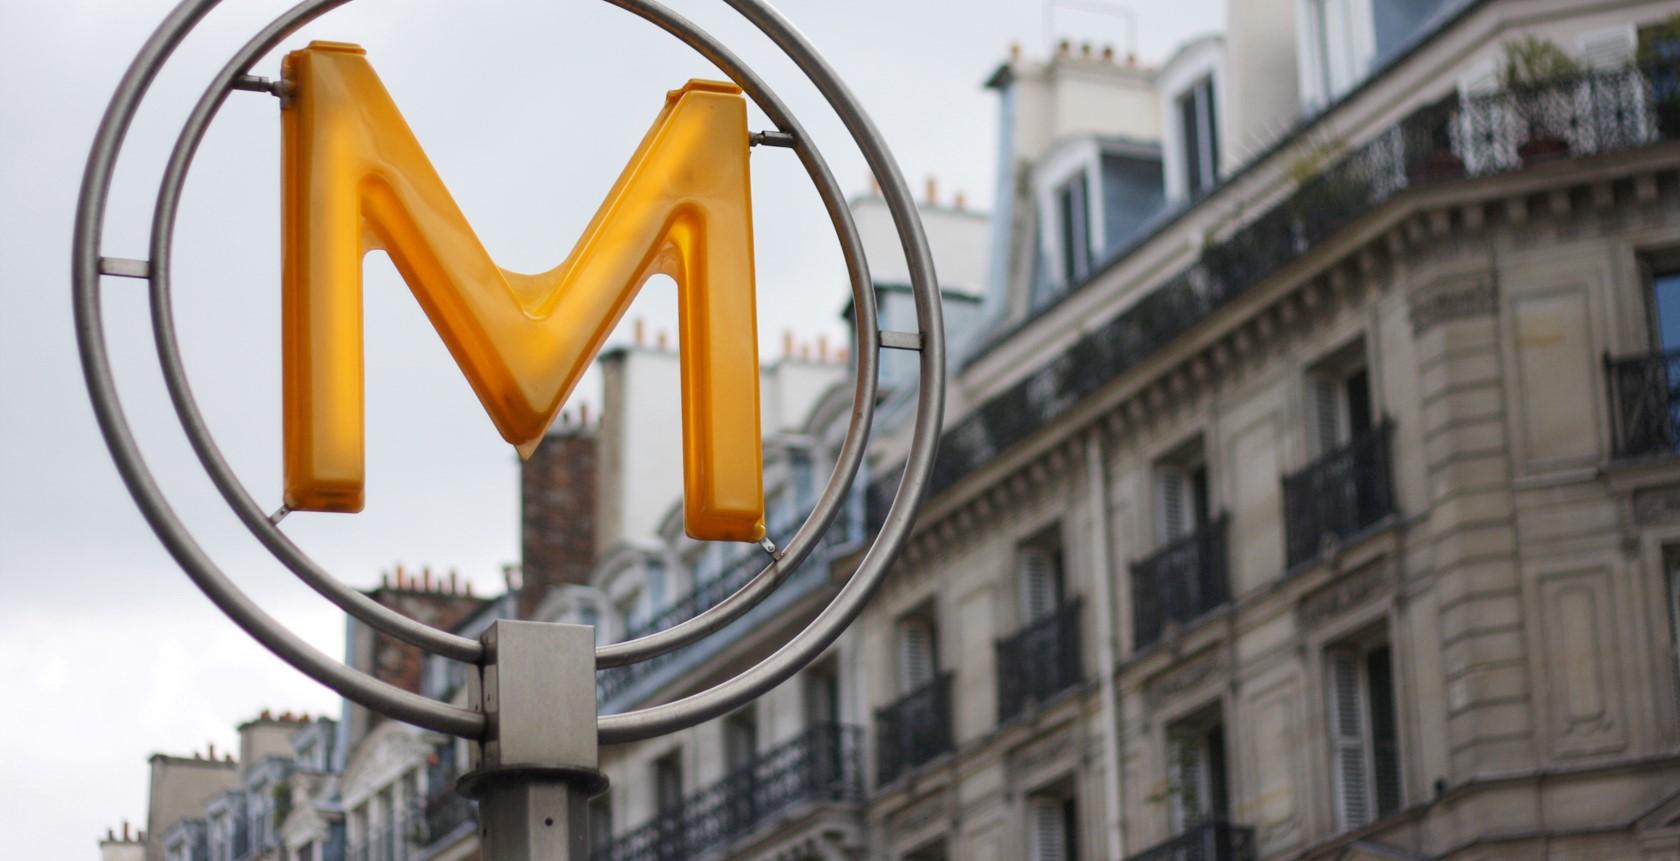 Metrô de Paris: 6 estações lindas que você precisa conhecer